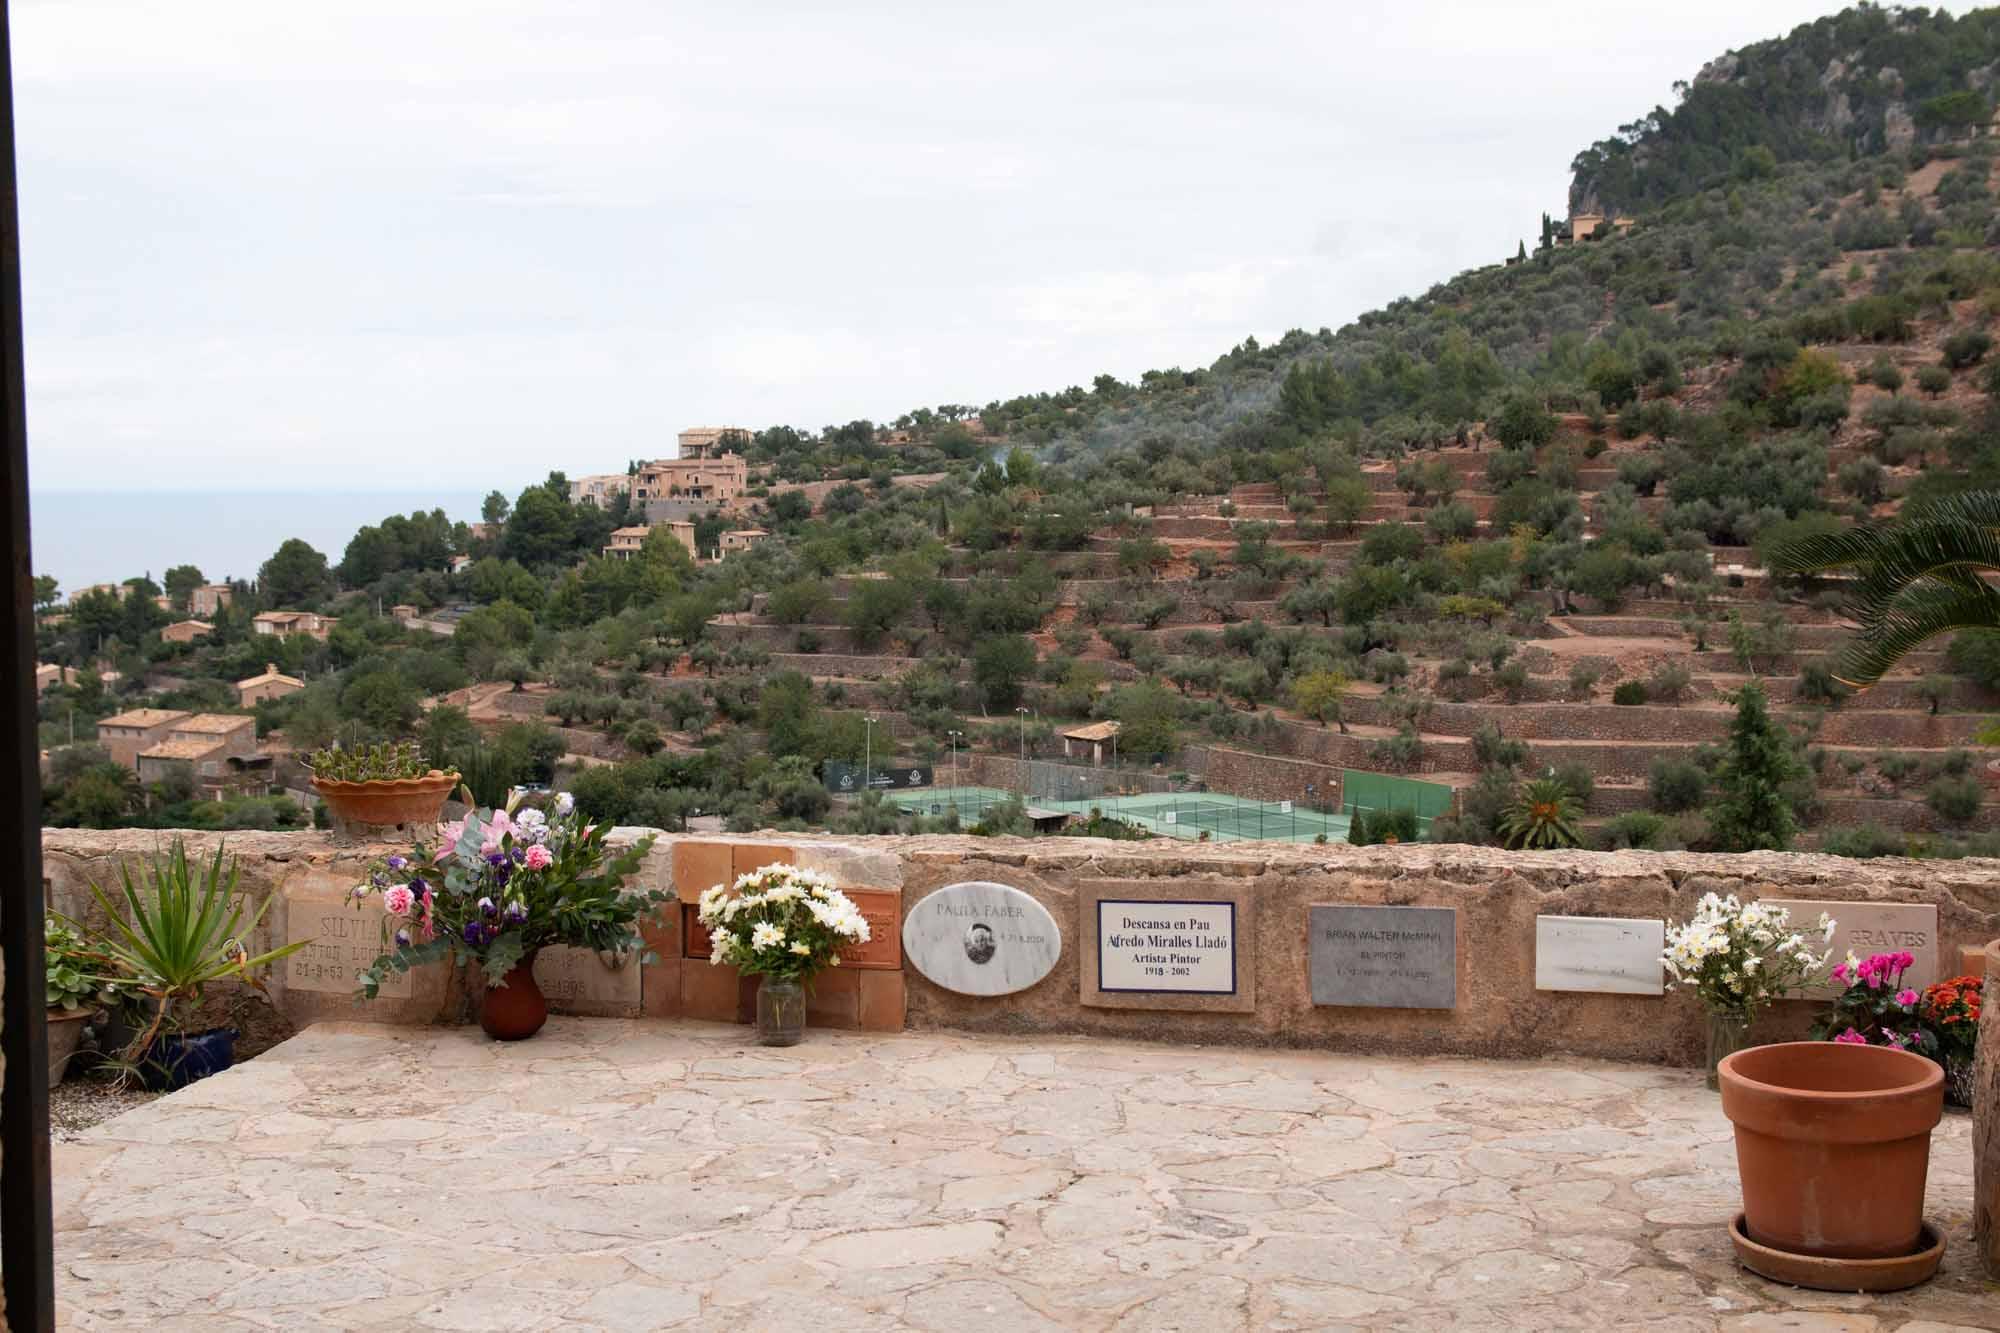 Der Friedhof in Deià ist nicht nur wegen der Aussicht von dort unbedingt sehenswert / Foto: Ingo Paszkowsky